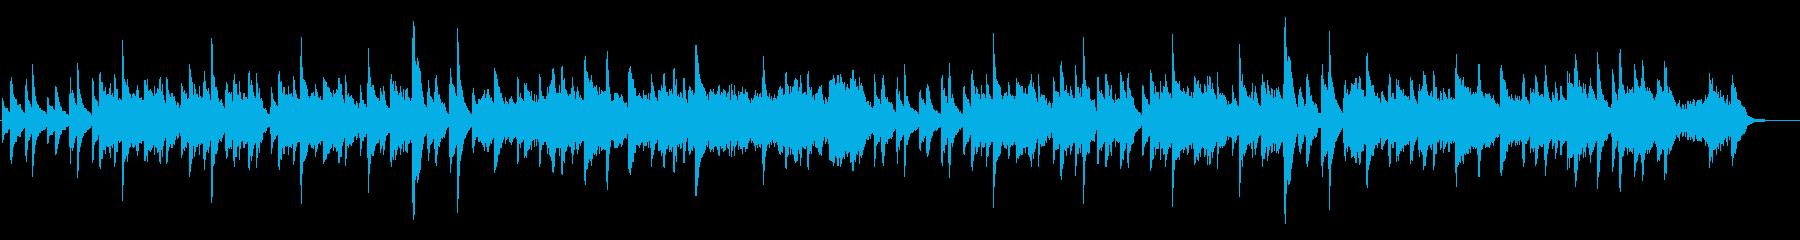 ジムノペディ第1番(オーケストラ版)の再生済みの波形